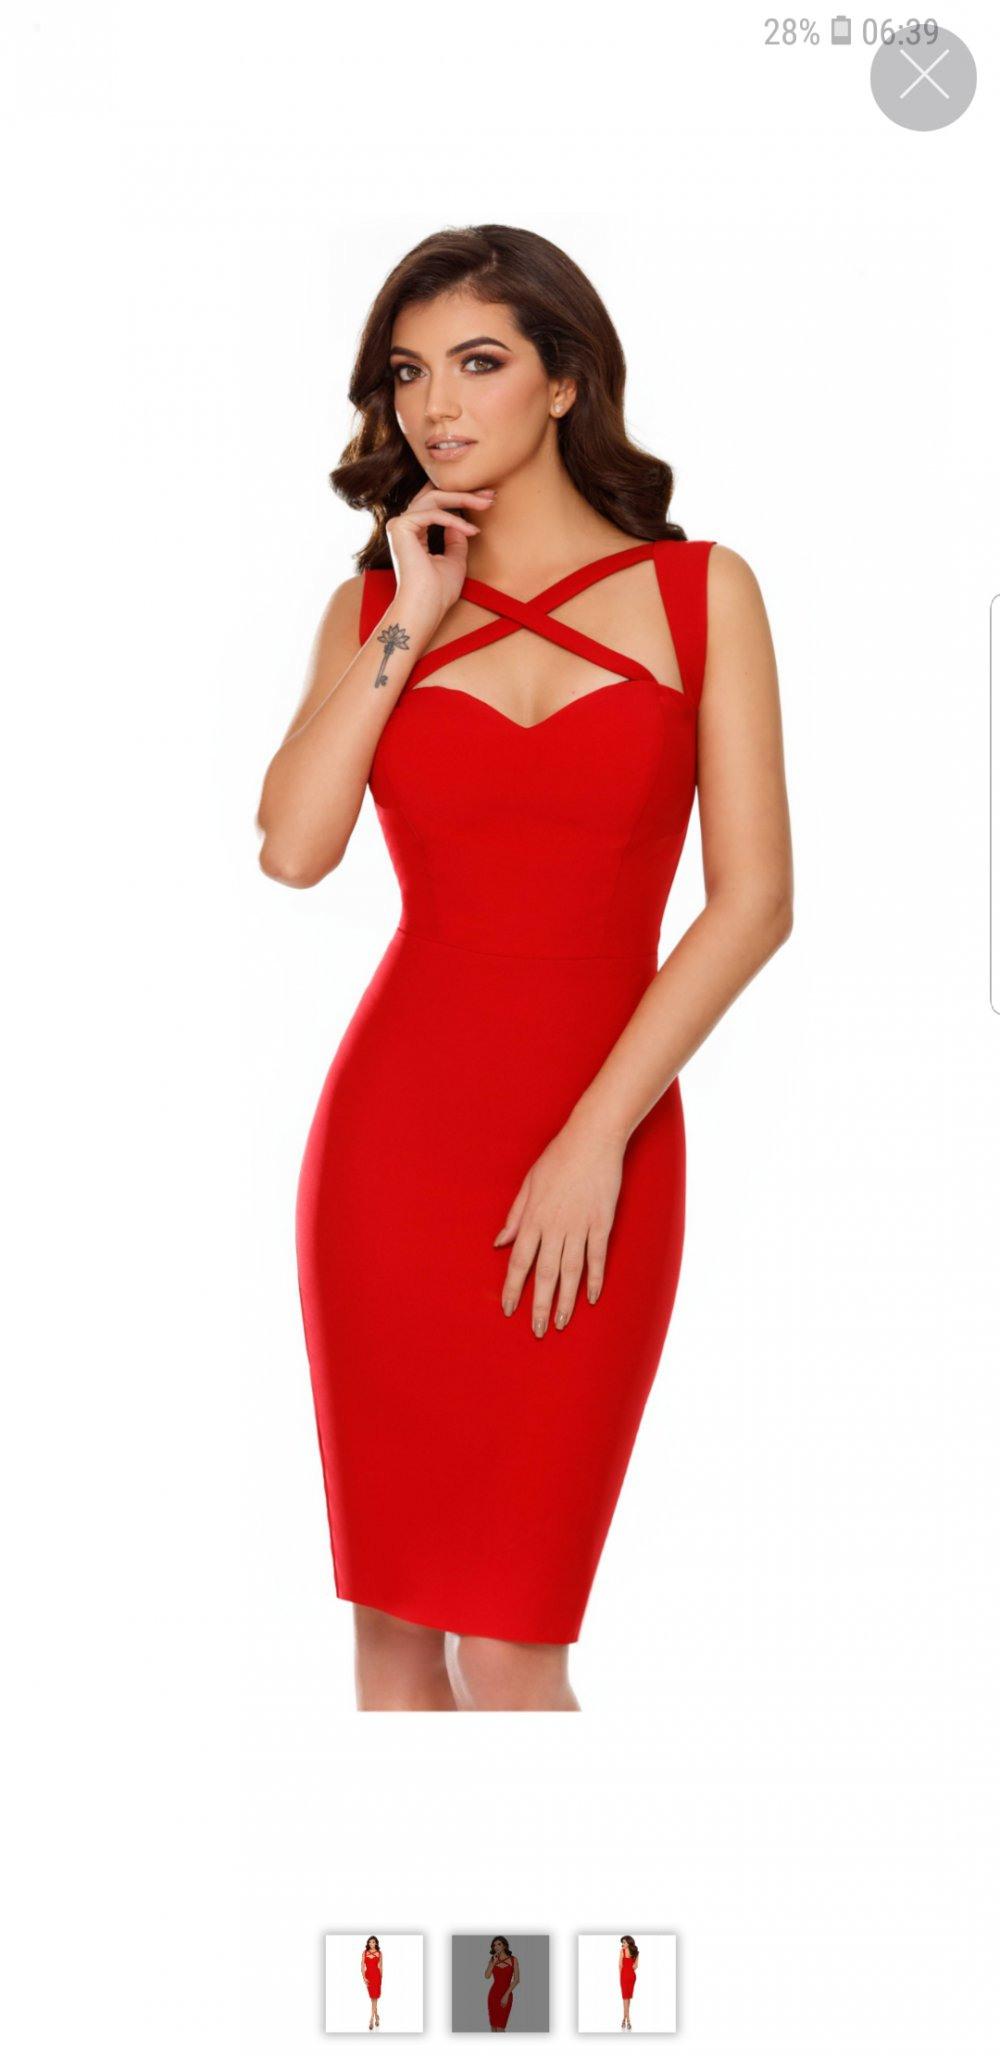 17 Ausgezeichnet Rote Kleider Bester Preis - Abendkleid